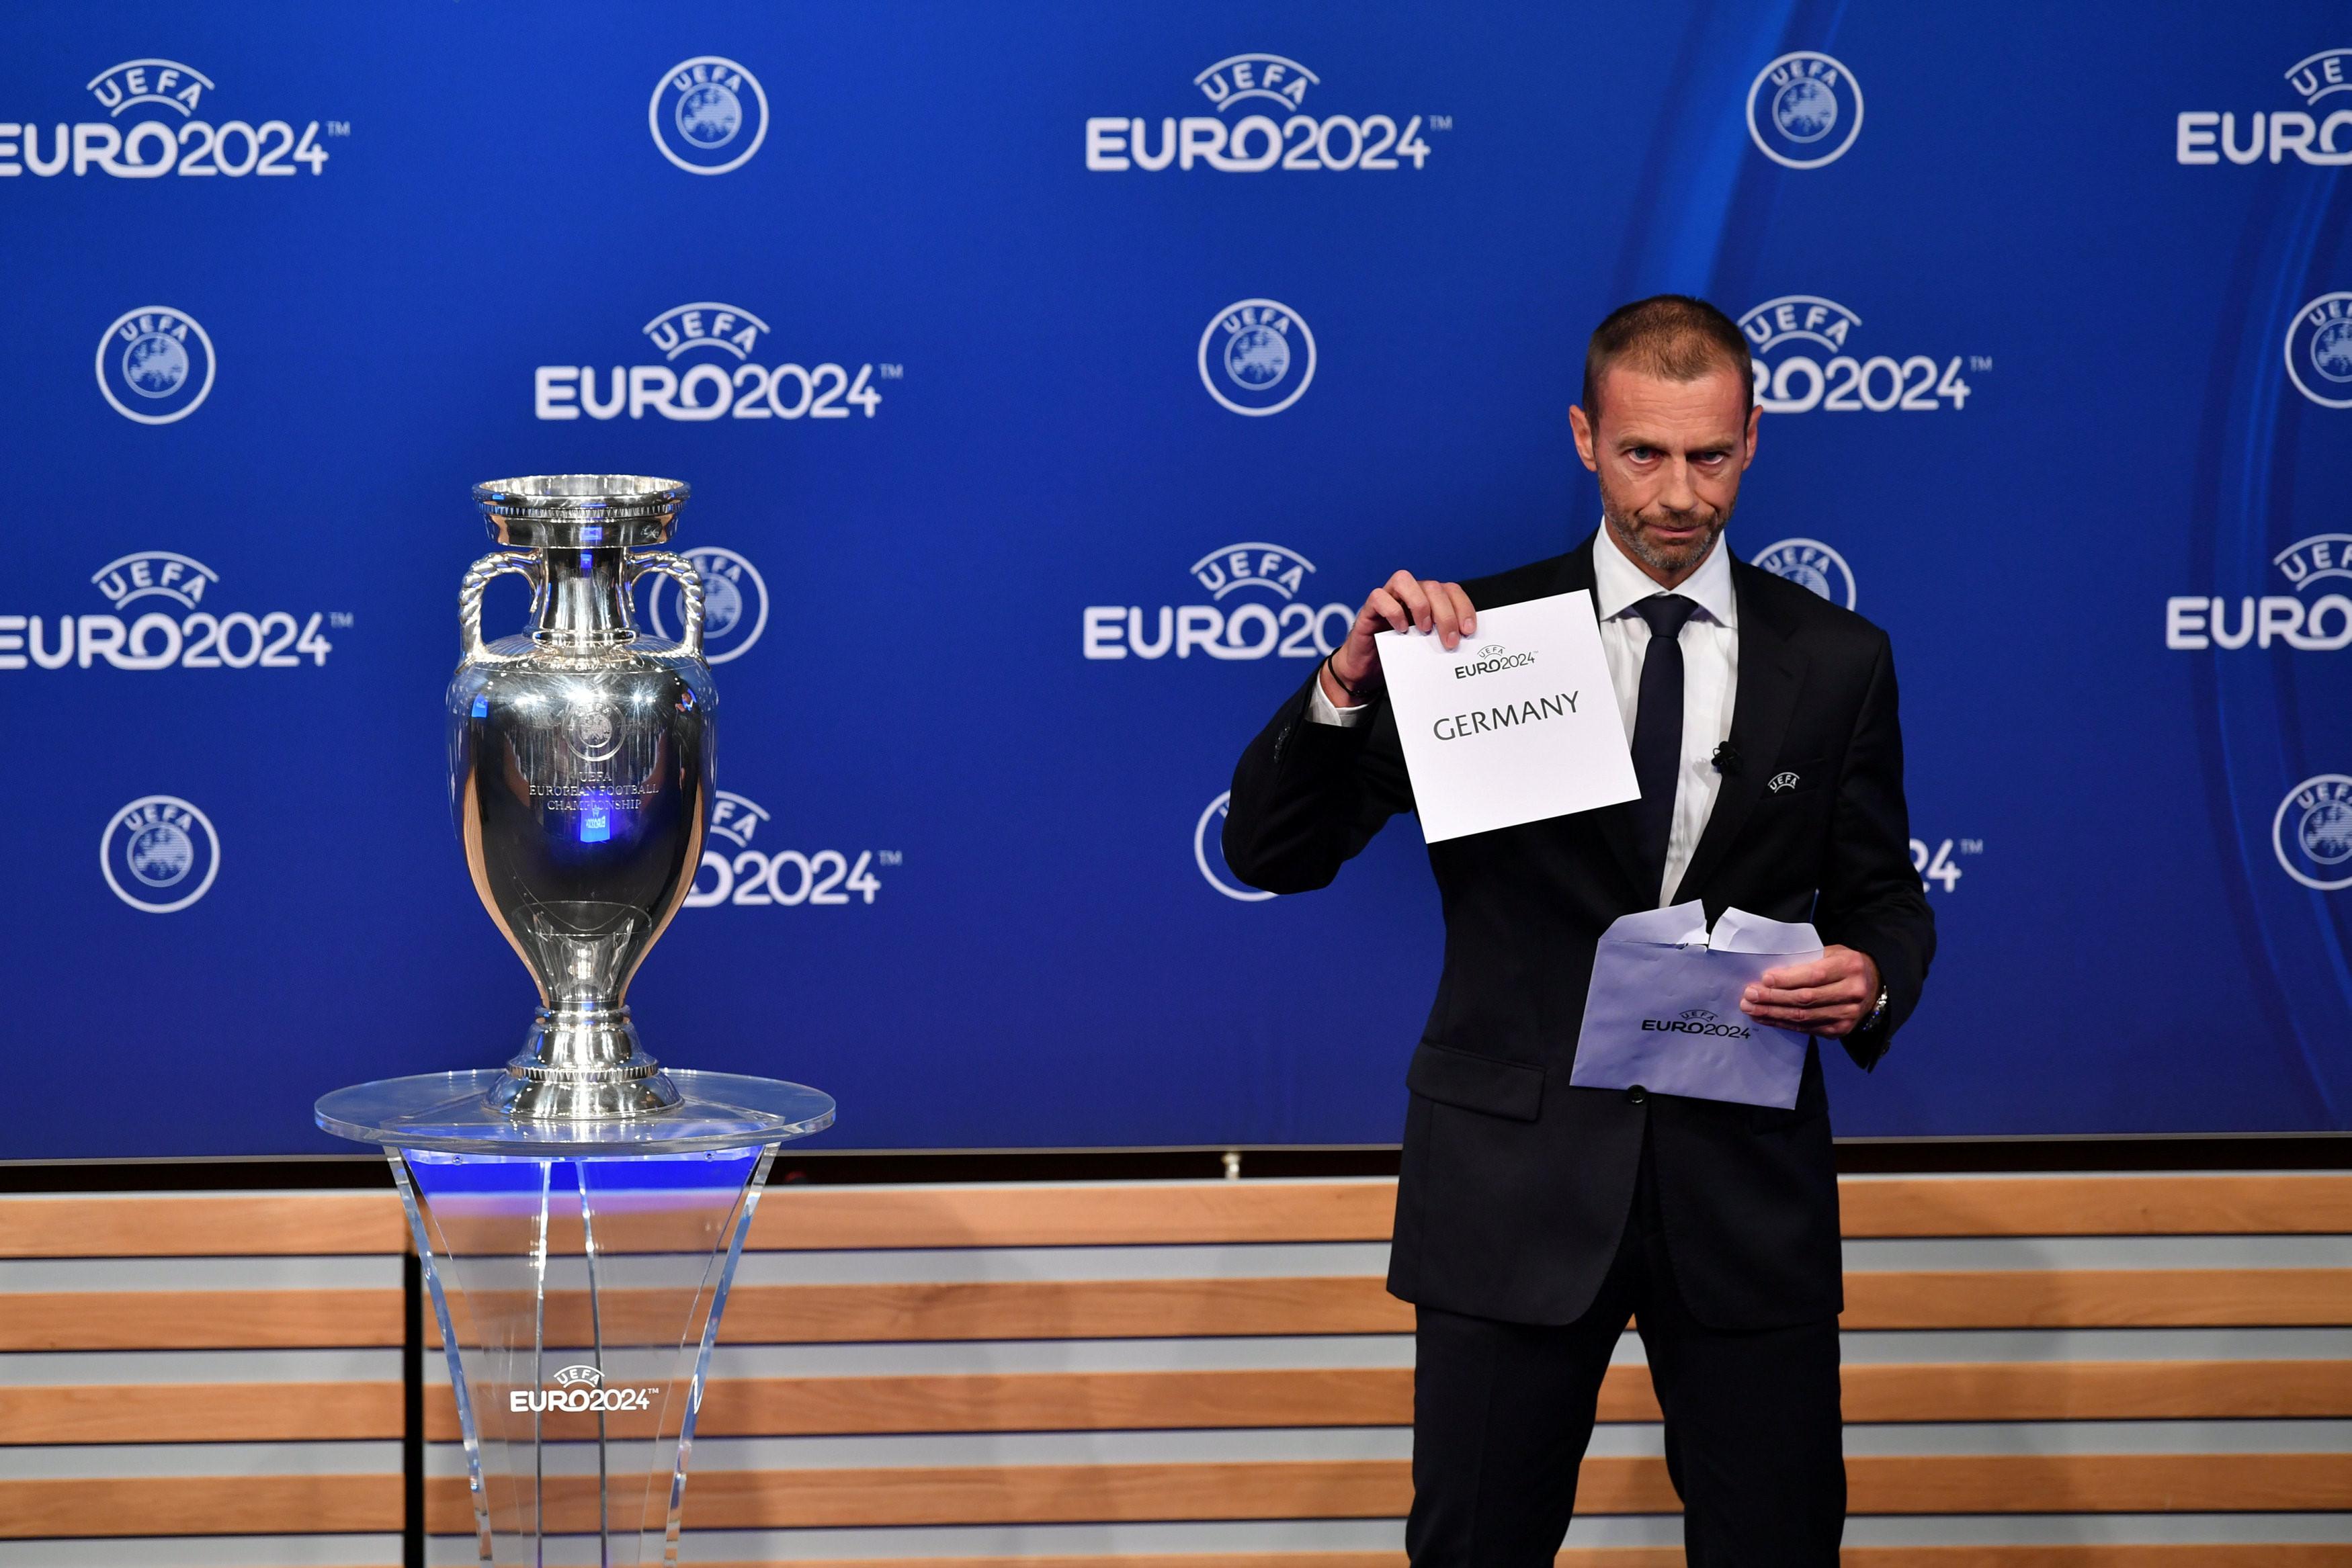 Đức giành quyền đăng cai EURO 2024 Ảnh 1